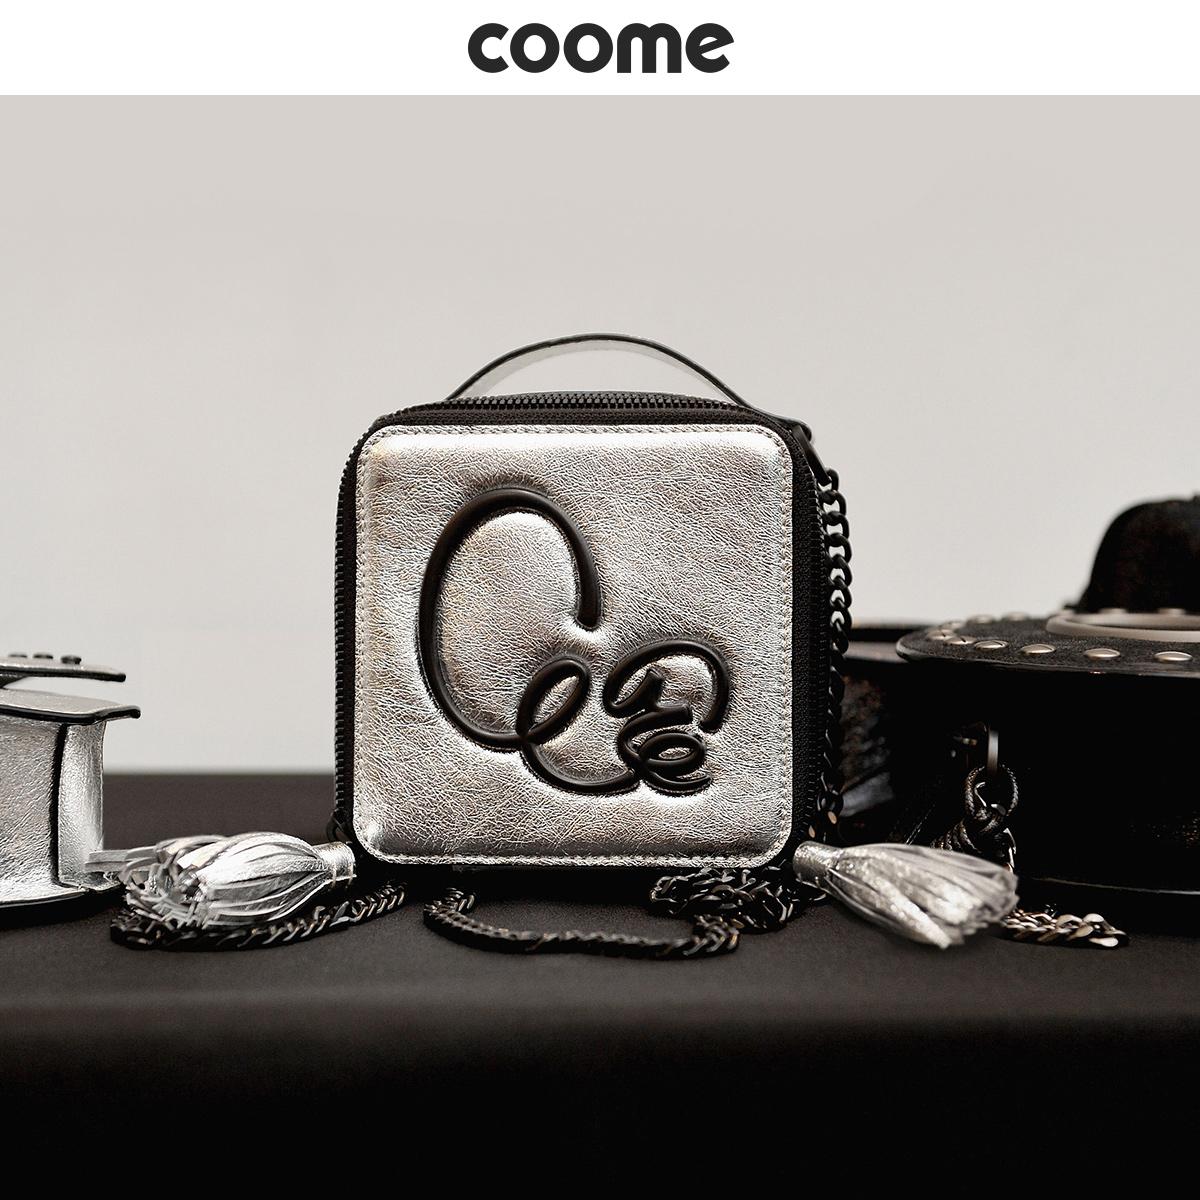 女式真皮手提包 coome2020新款真皮女包包小众手提包方形包迷你斜挎包时尚女包_推荐淘宝好看的女真皮手提包